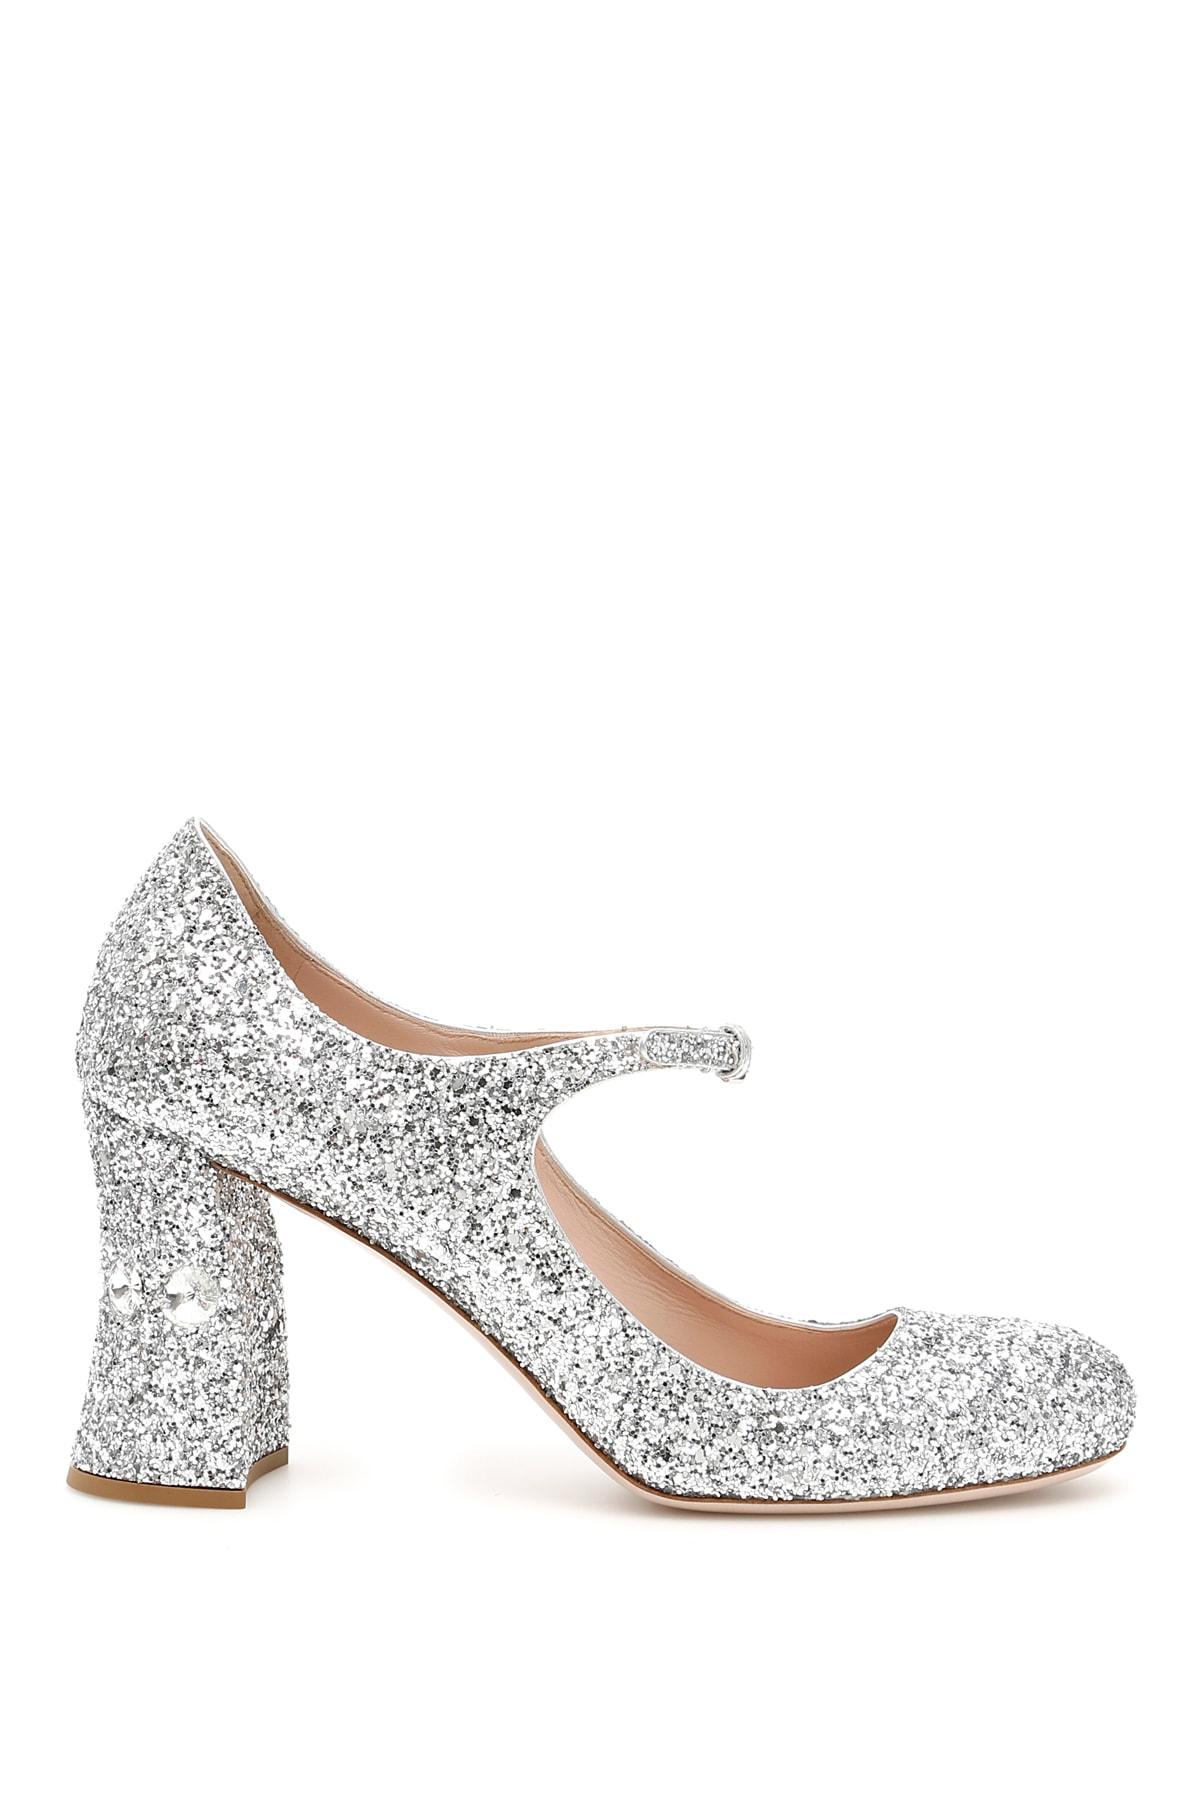 b7a623c4356 Miu Miu Glitter Mary Jane Pumps